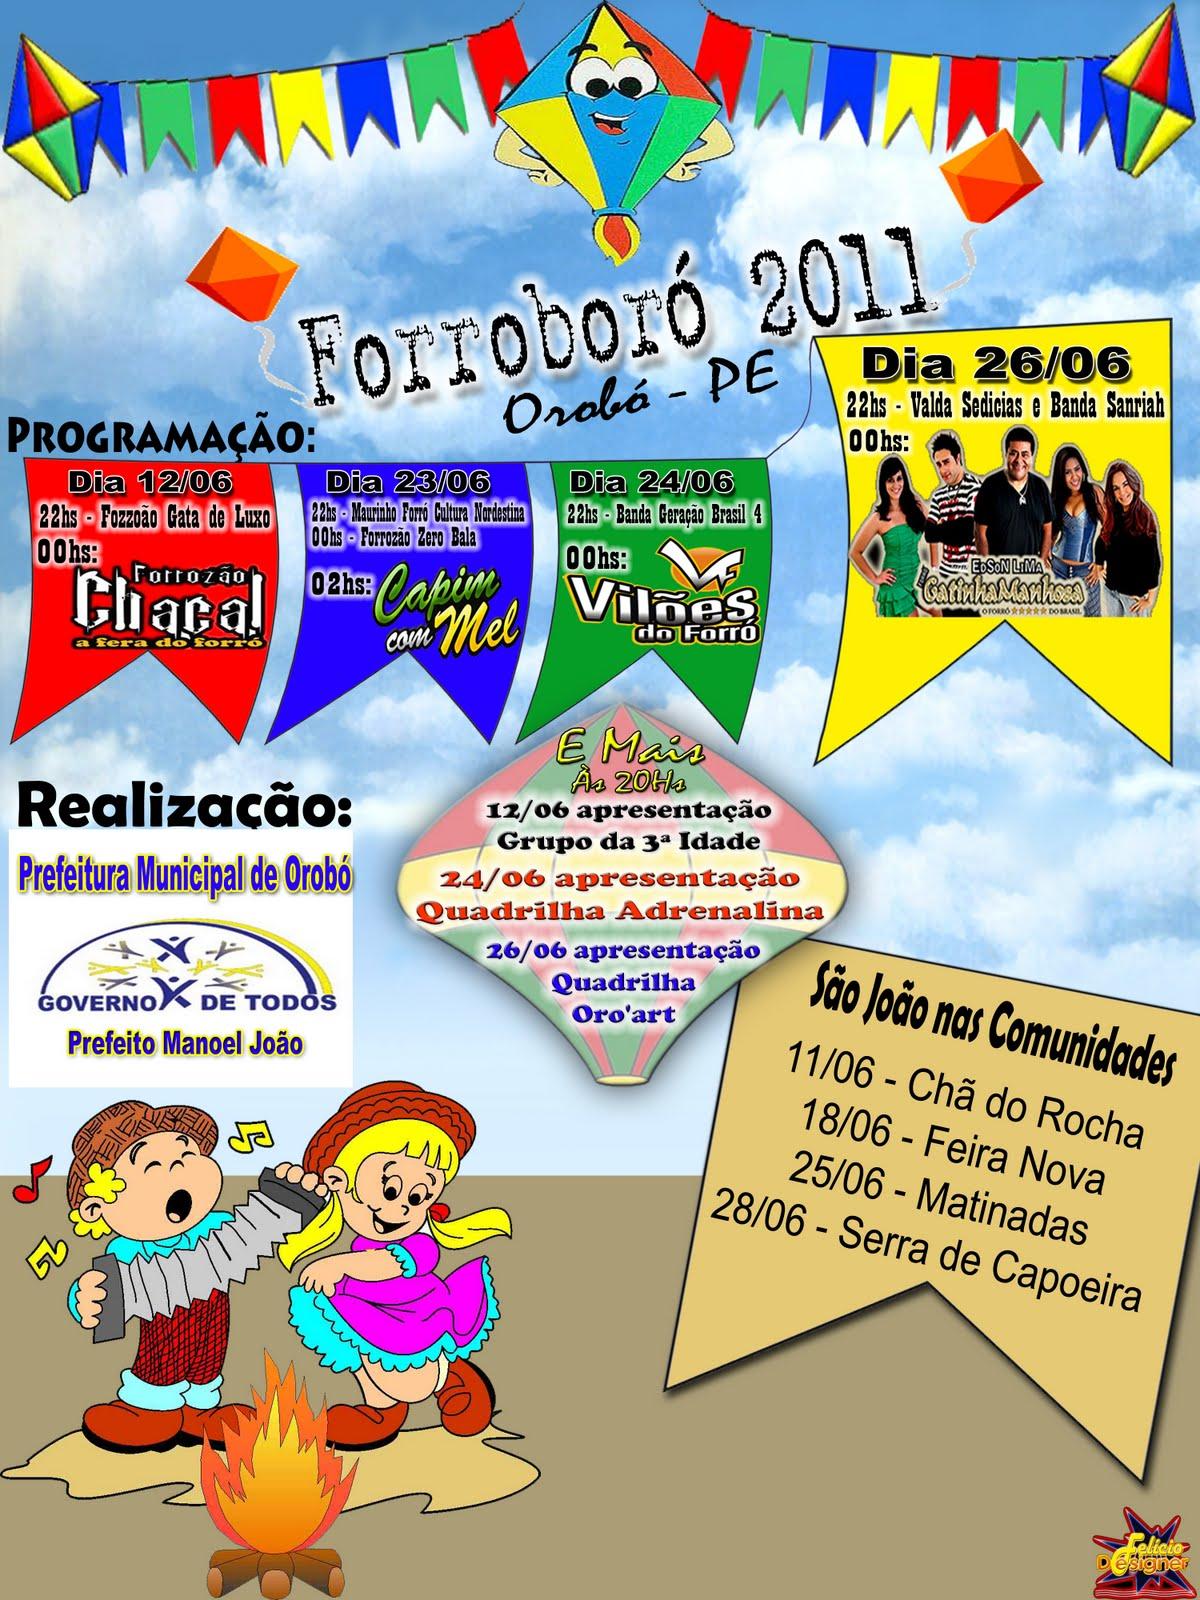 http://2.bp.blogspot.com/-wYdsrYkfXig/Tdbo8fS9_NI/AAAAAAAAAWk/FebHXdGdgHE/s1600/_original.jpg